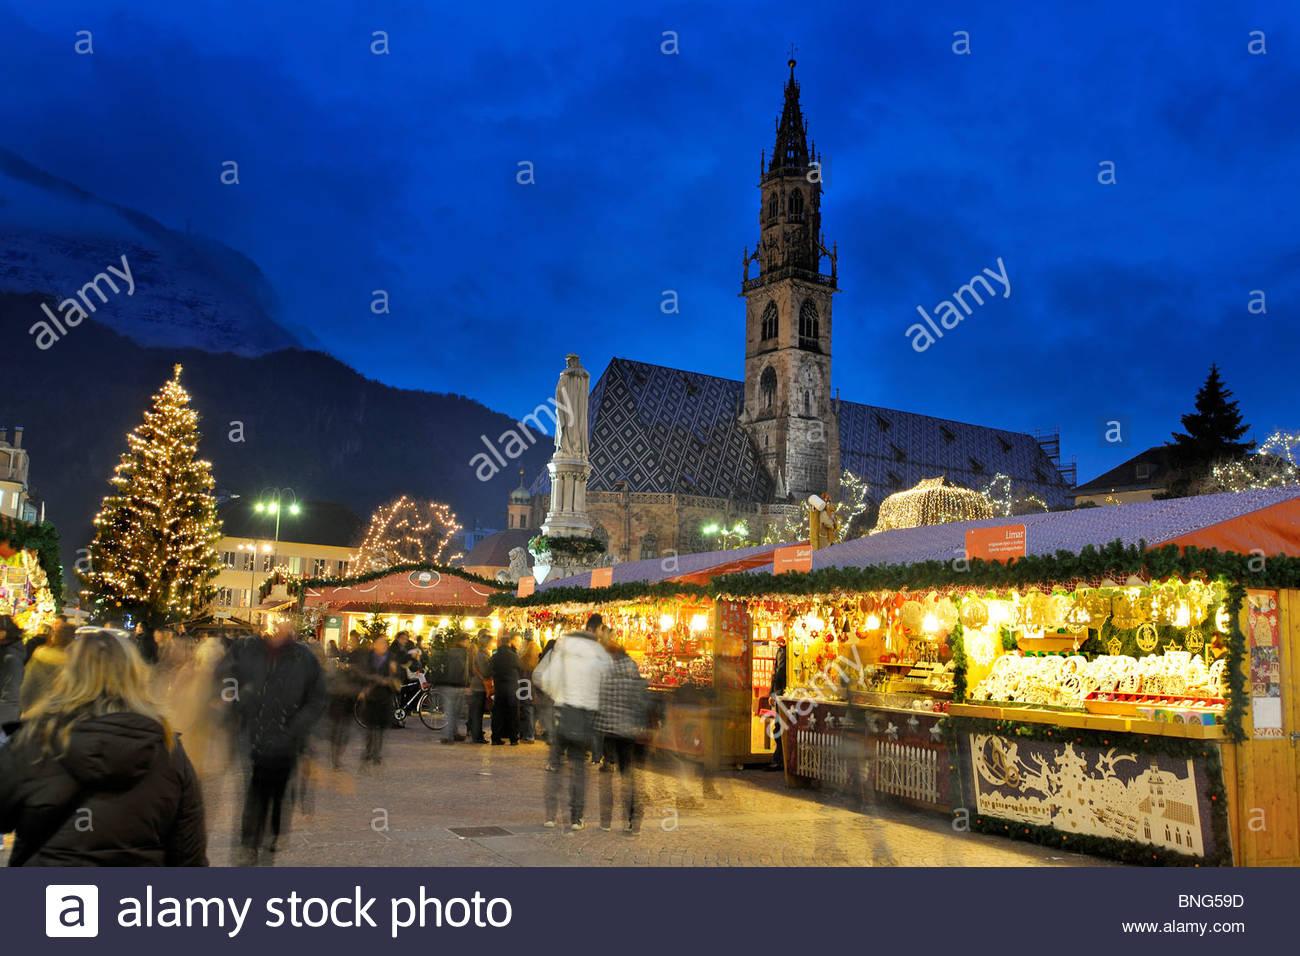 Weihnachtsmarkt, Piazza Walther, Bozen, Trentino-Südtirol, Italien Stockbild